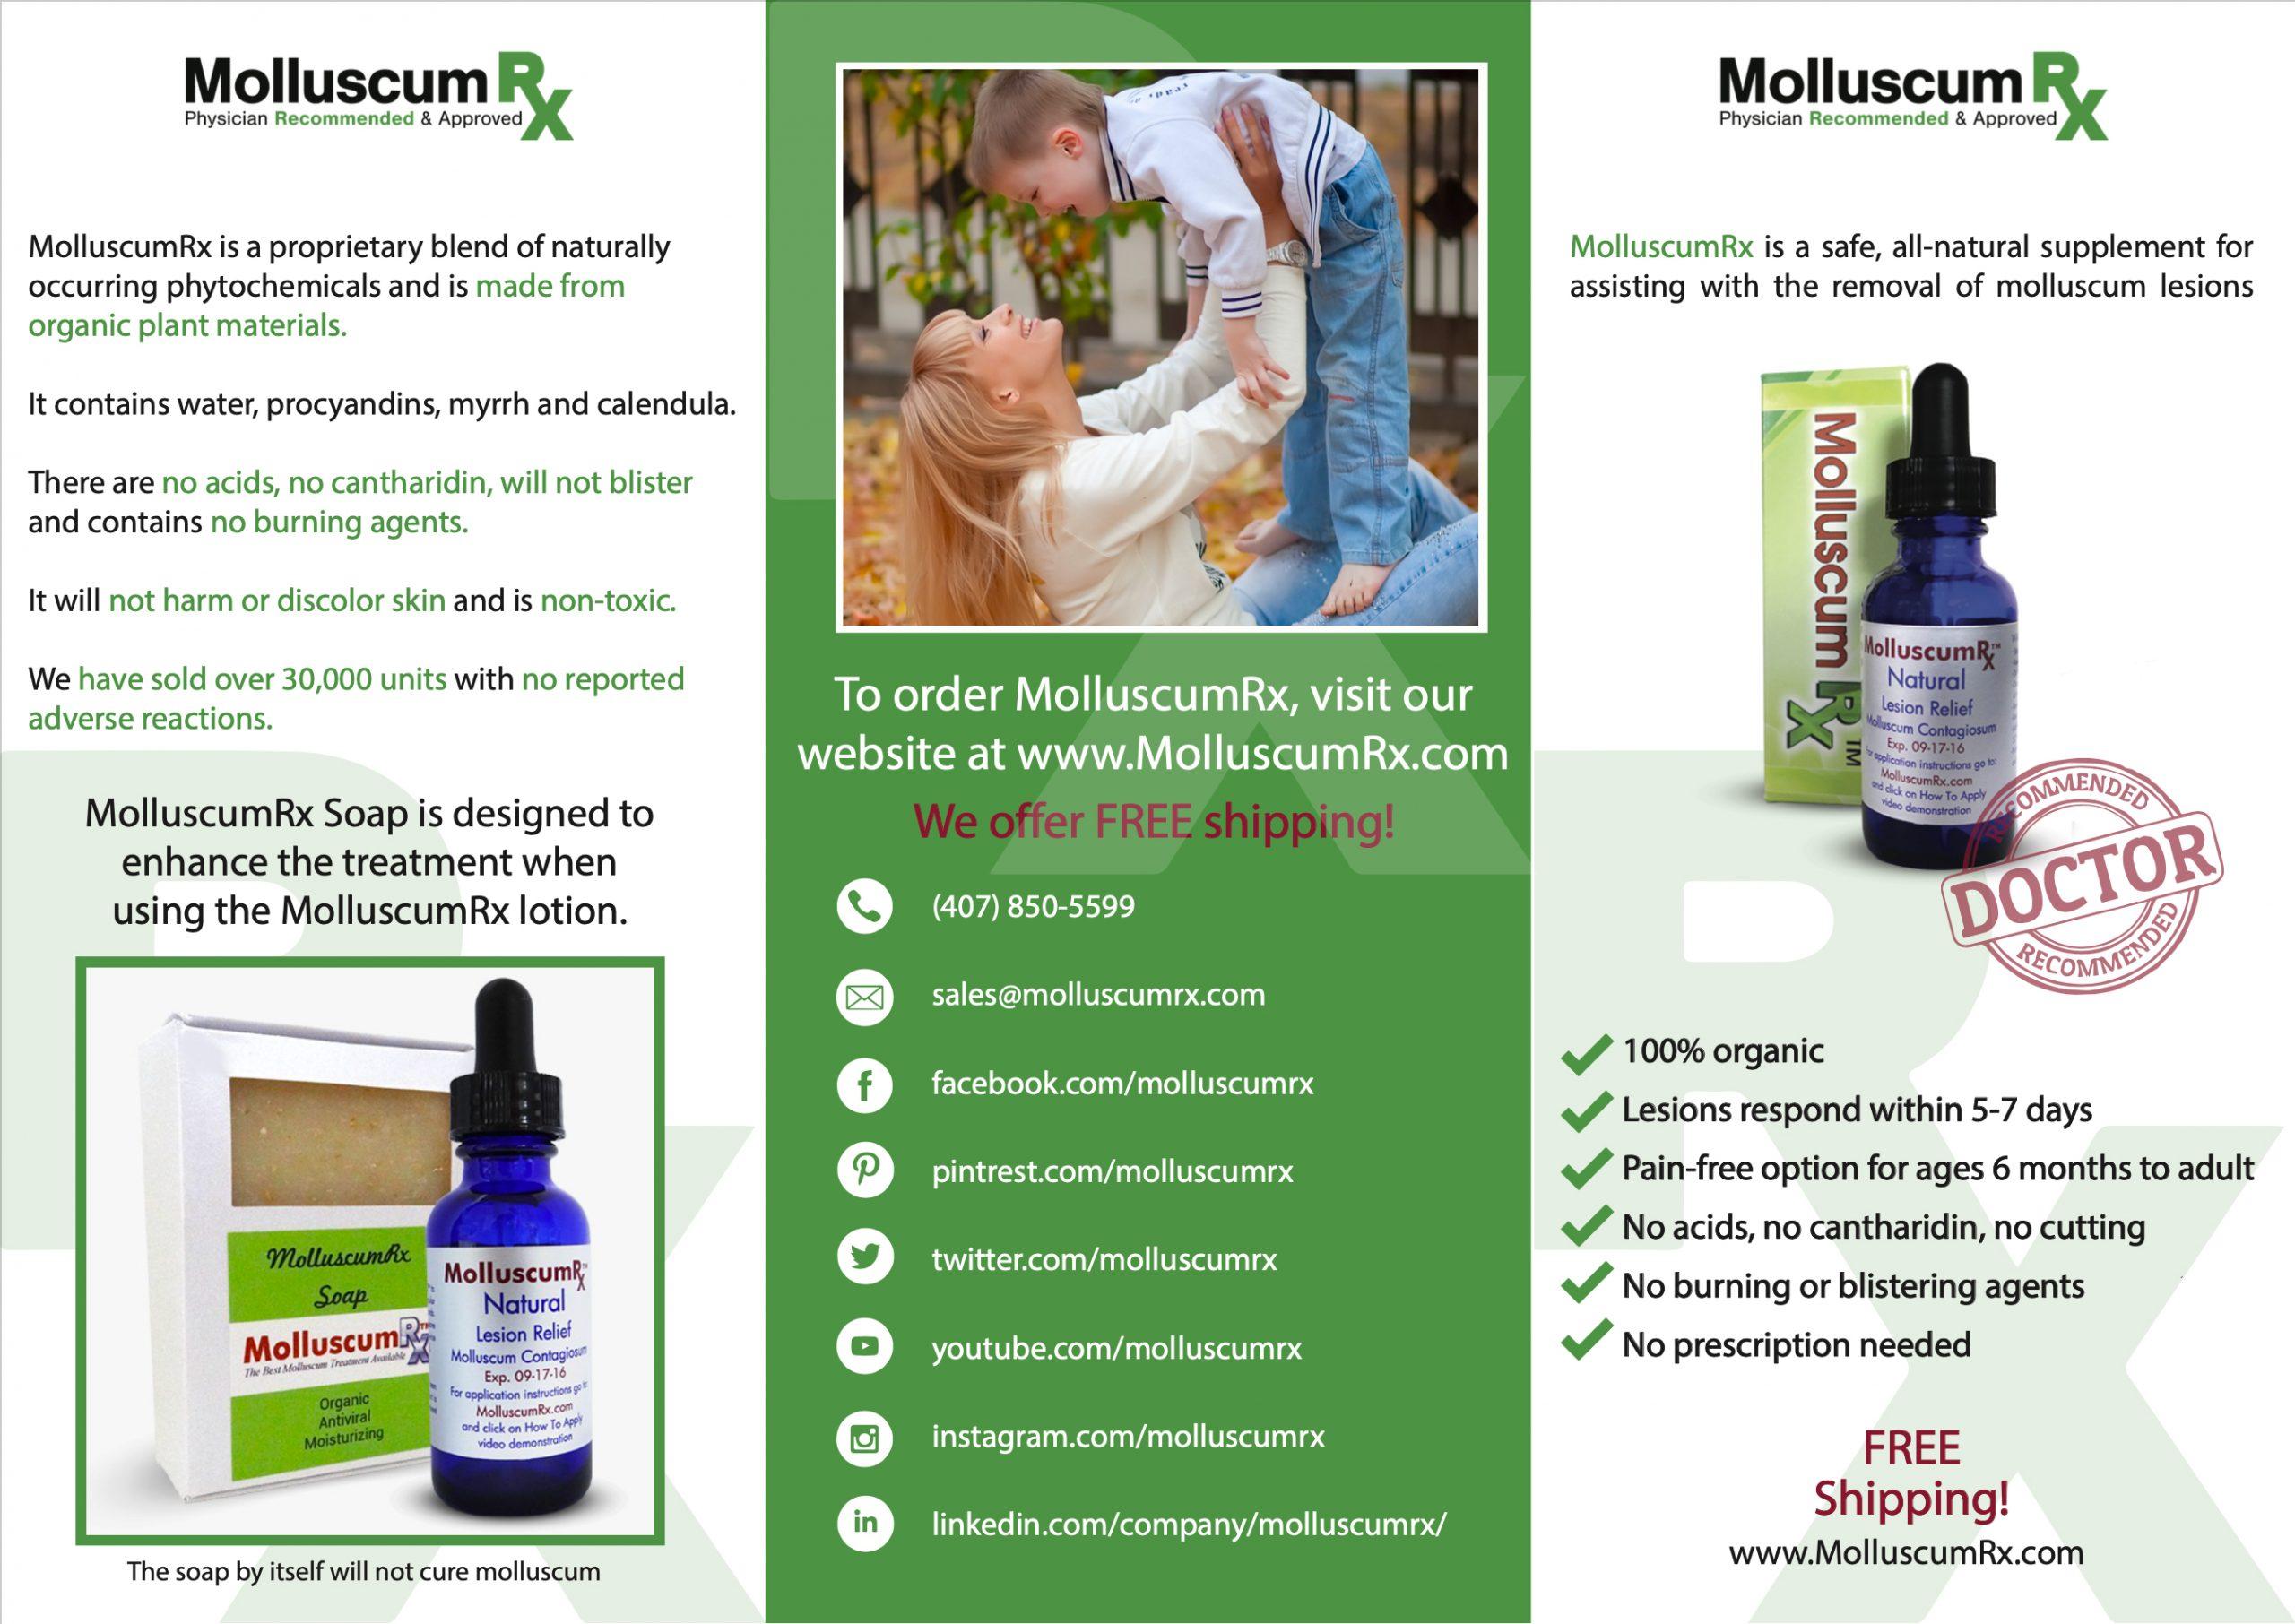 Molluscum Rx Brochure